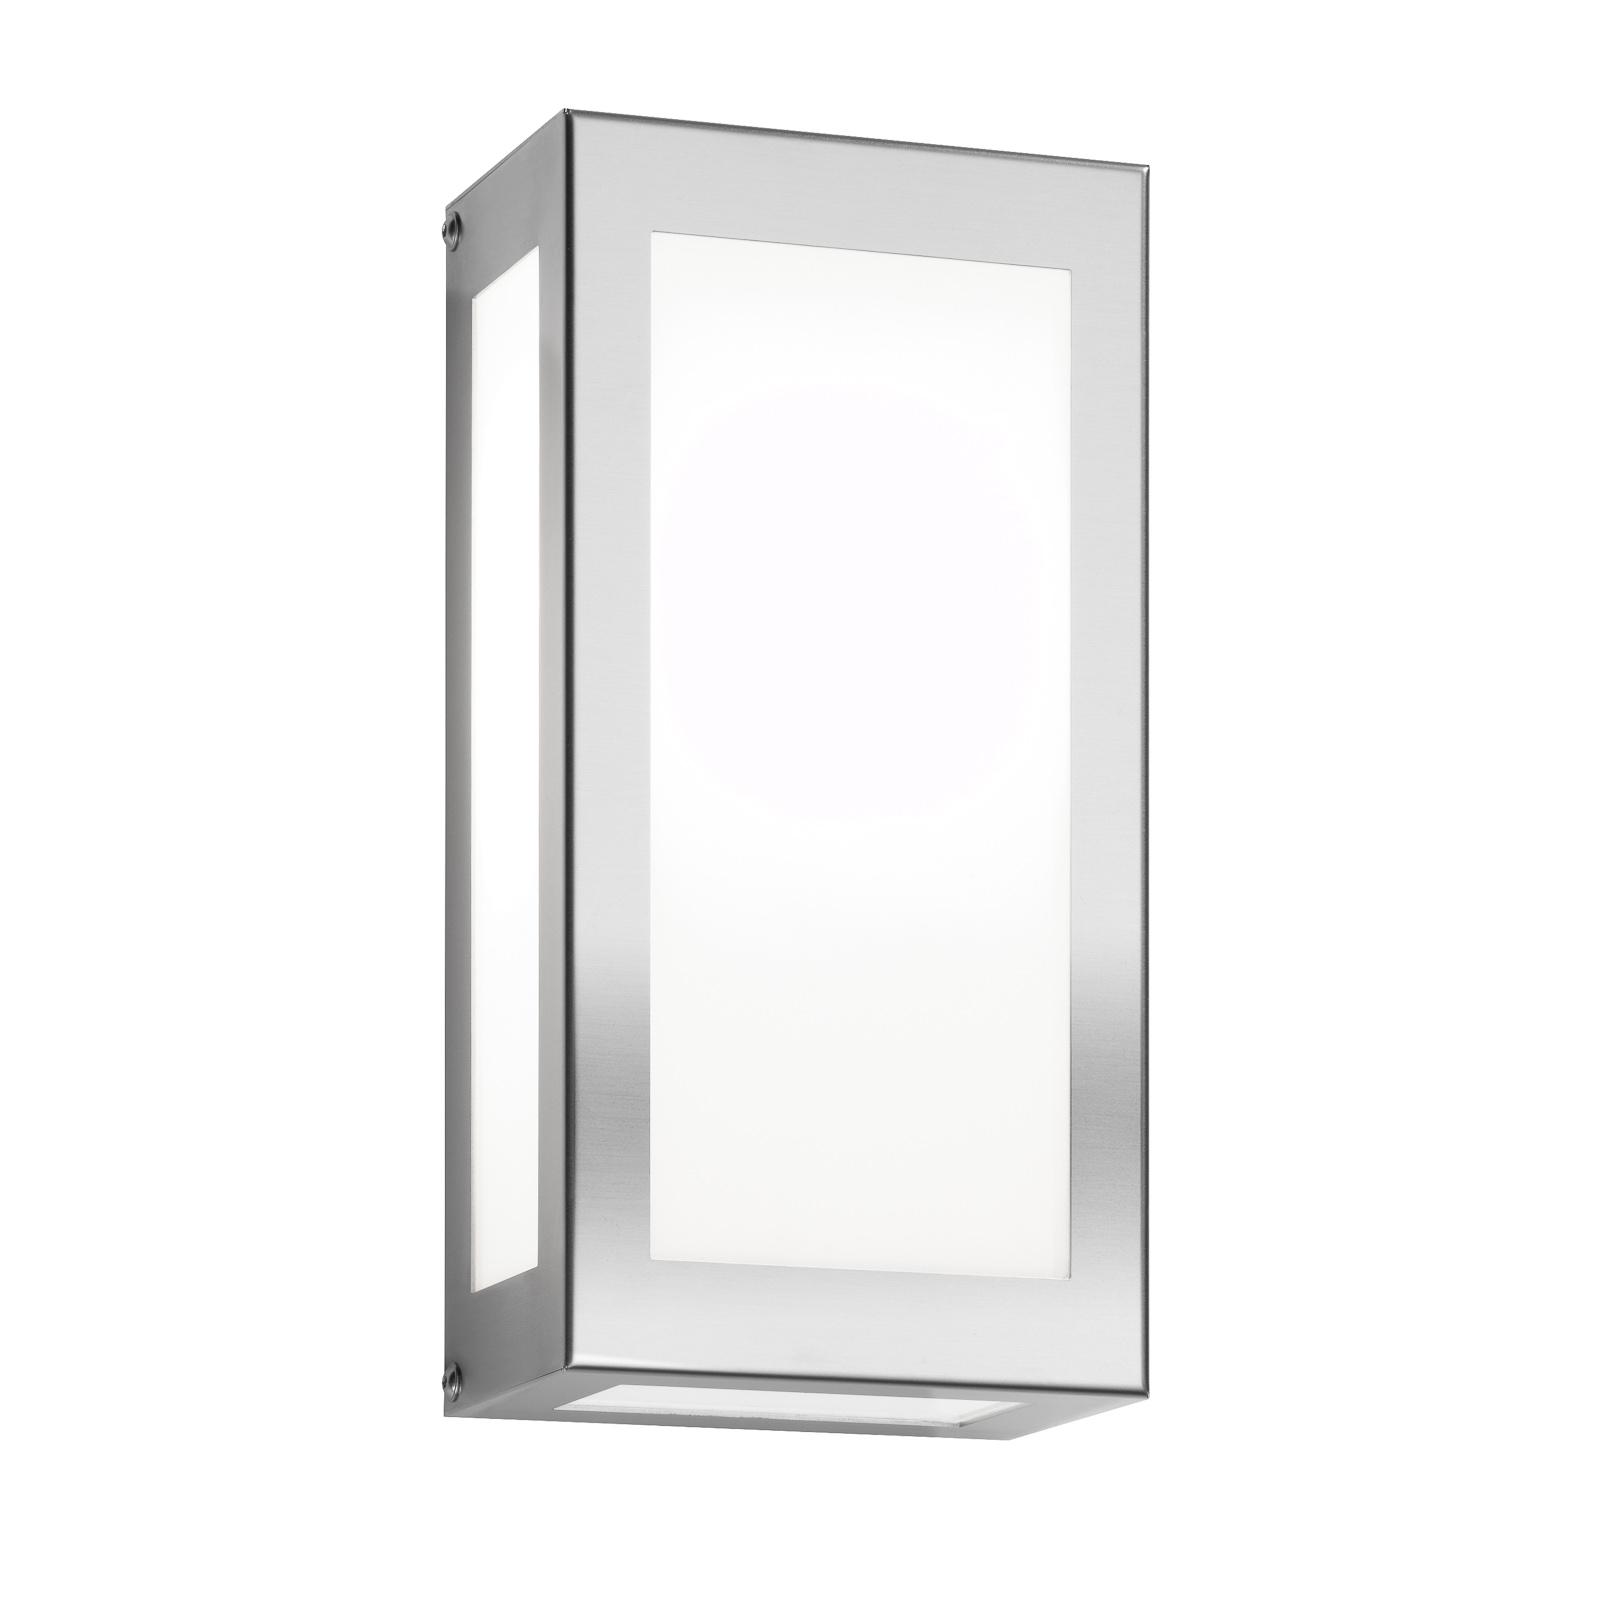 Aplique LED de pared exterior rectangular Kina